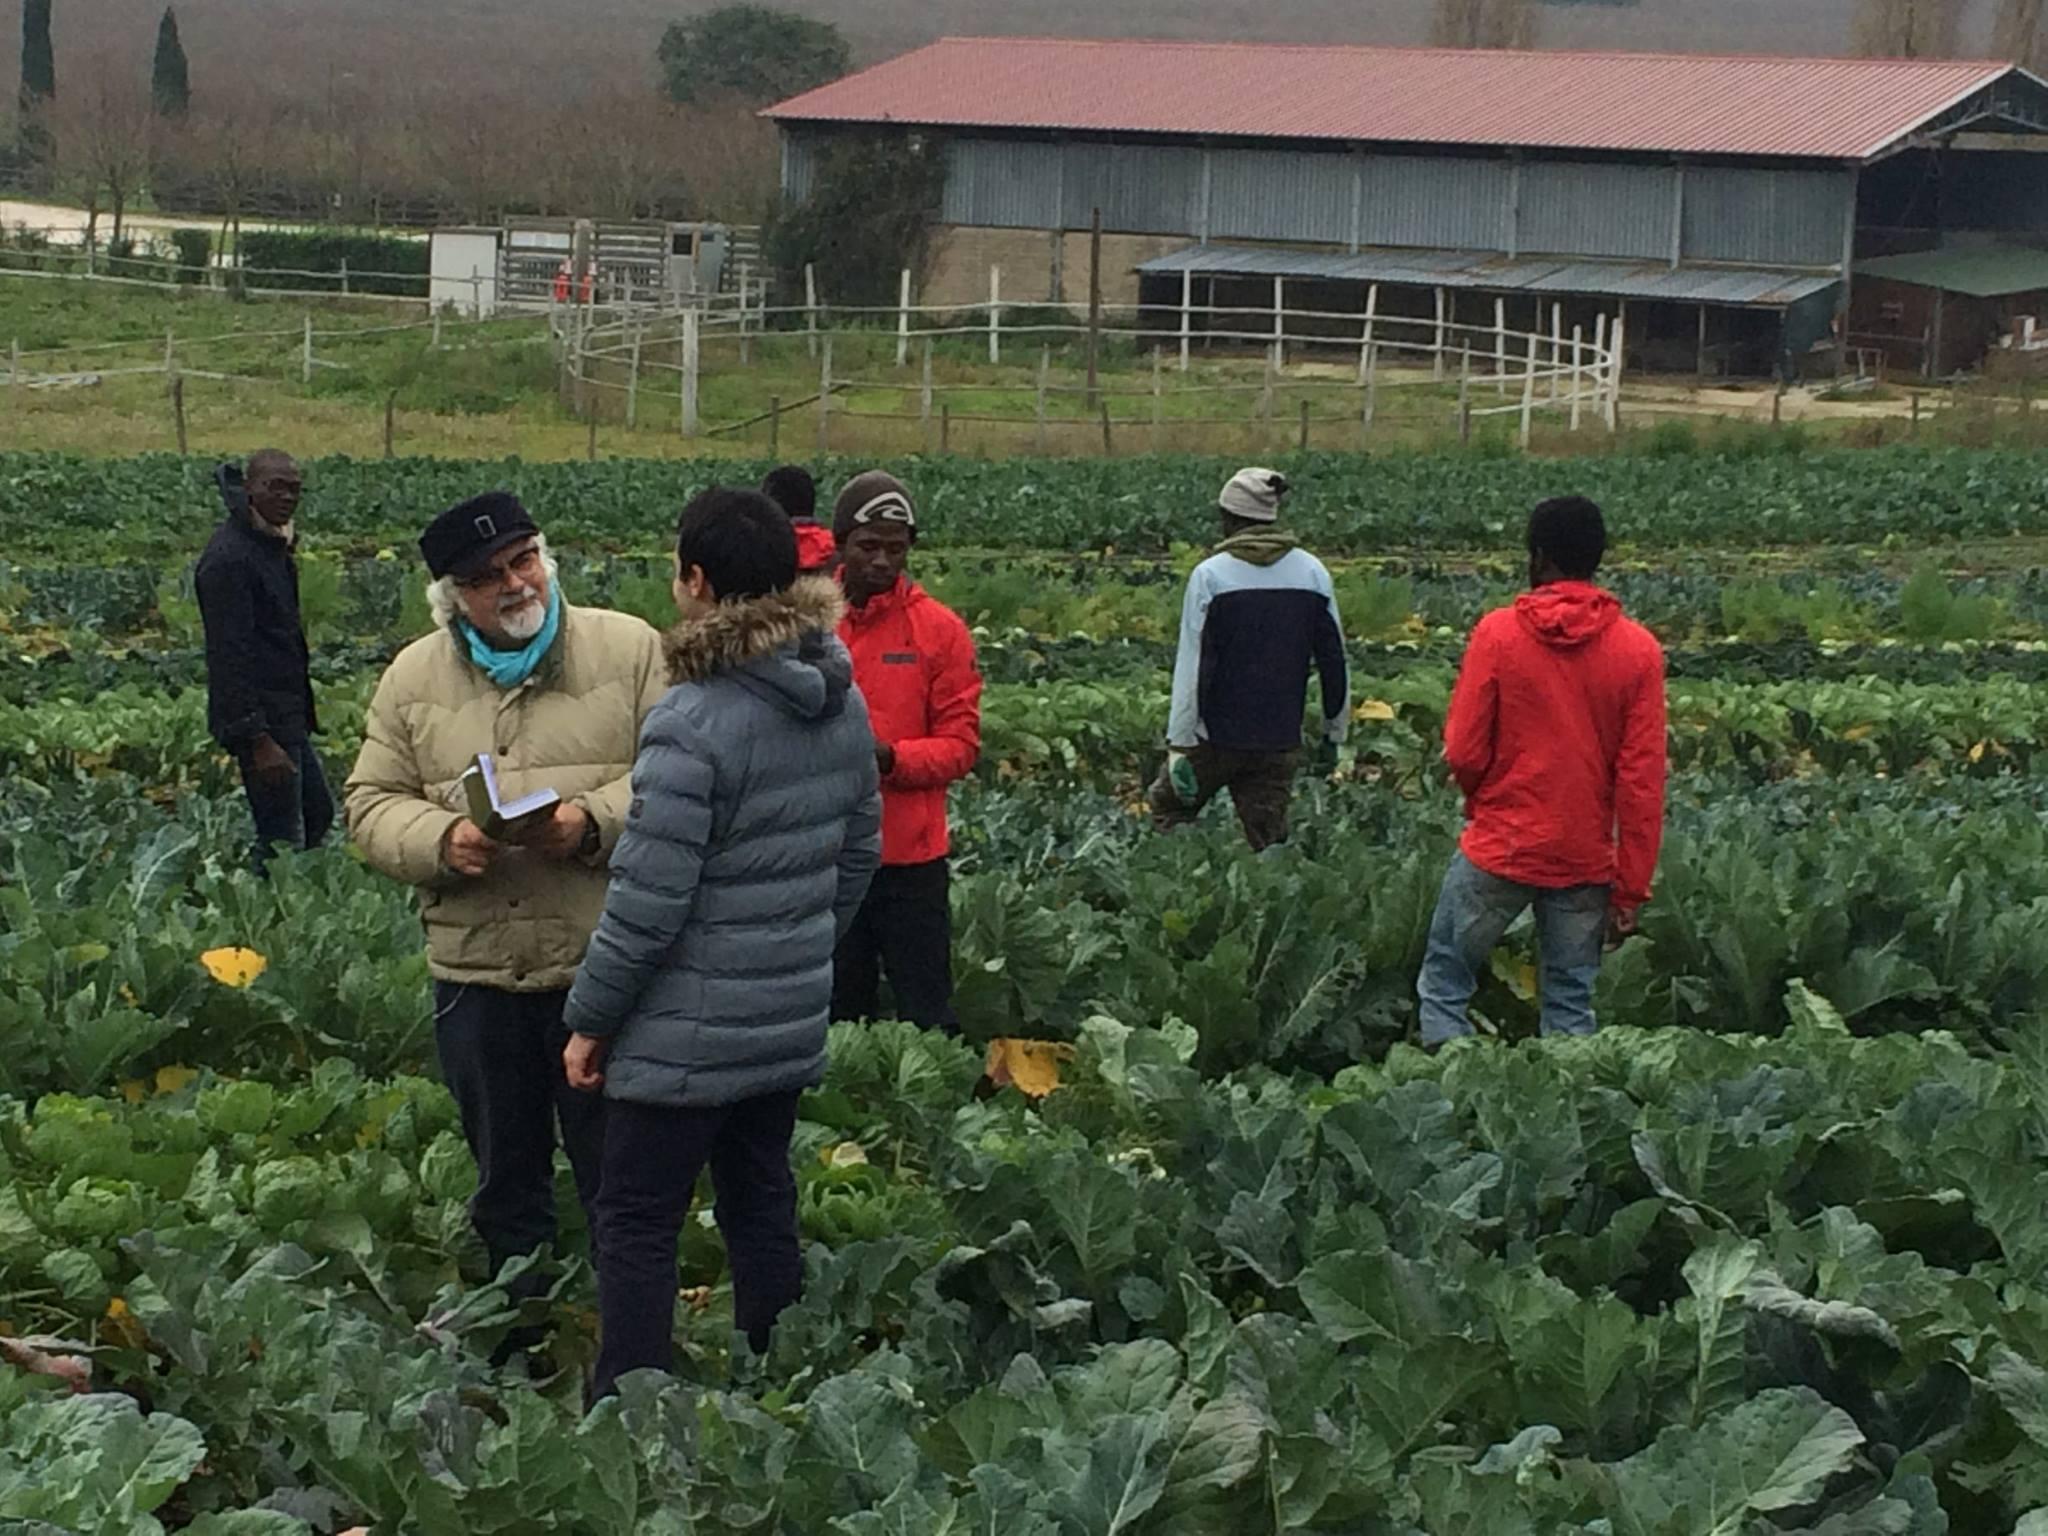 Linea verde parlerà di agricoltura sociale nella puntata che andrà in onda domenica 8 gennaio alle 12:20. Patrizio Roversi sarà al Casale di Martignano per parlarci di Barikamà